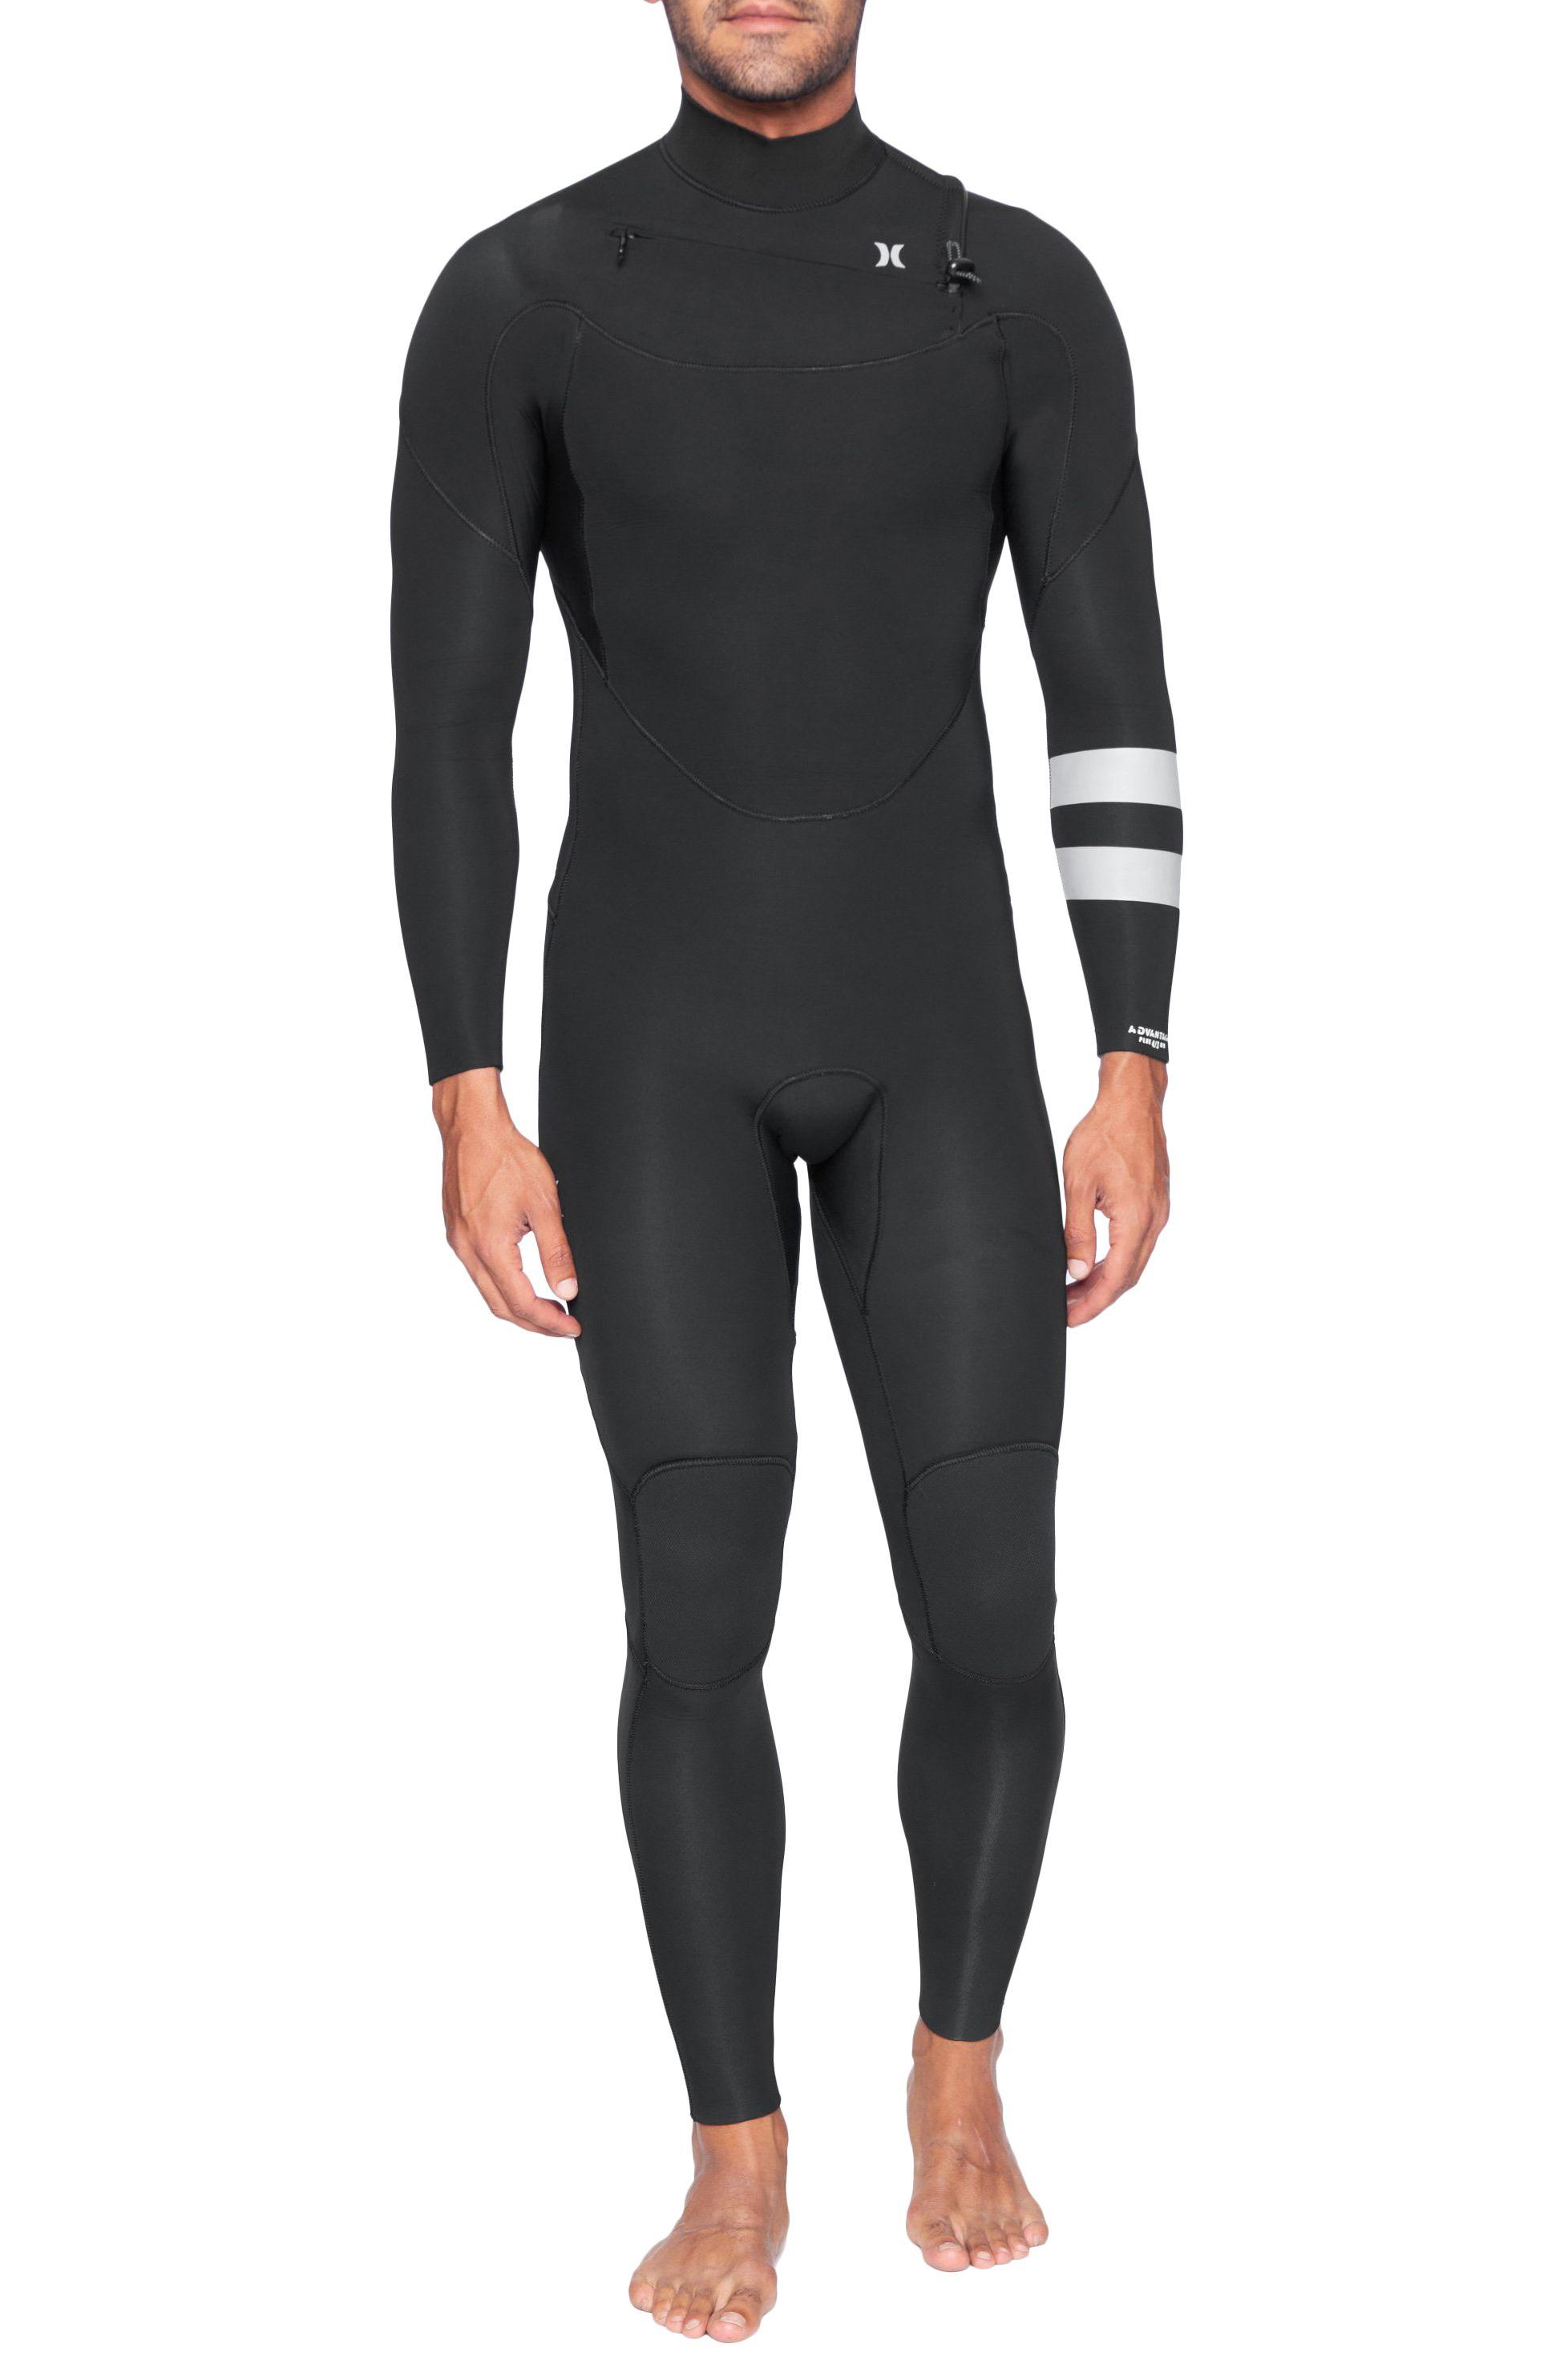 Hurley Wetsuit M ADVANTAGE PLUS 5/3MM FS Black 5x3mm